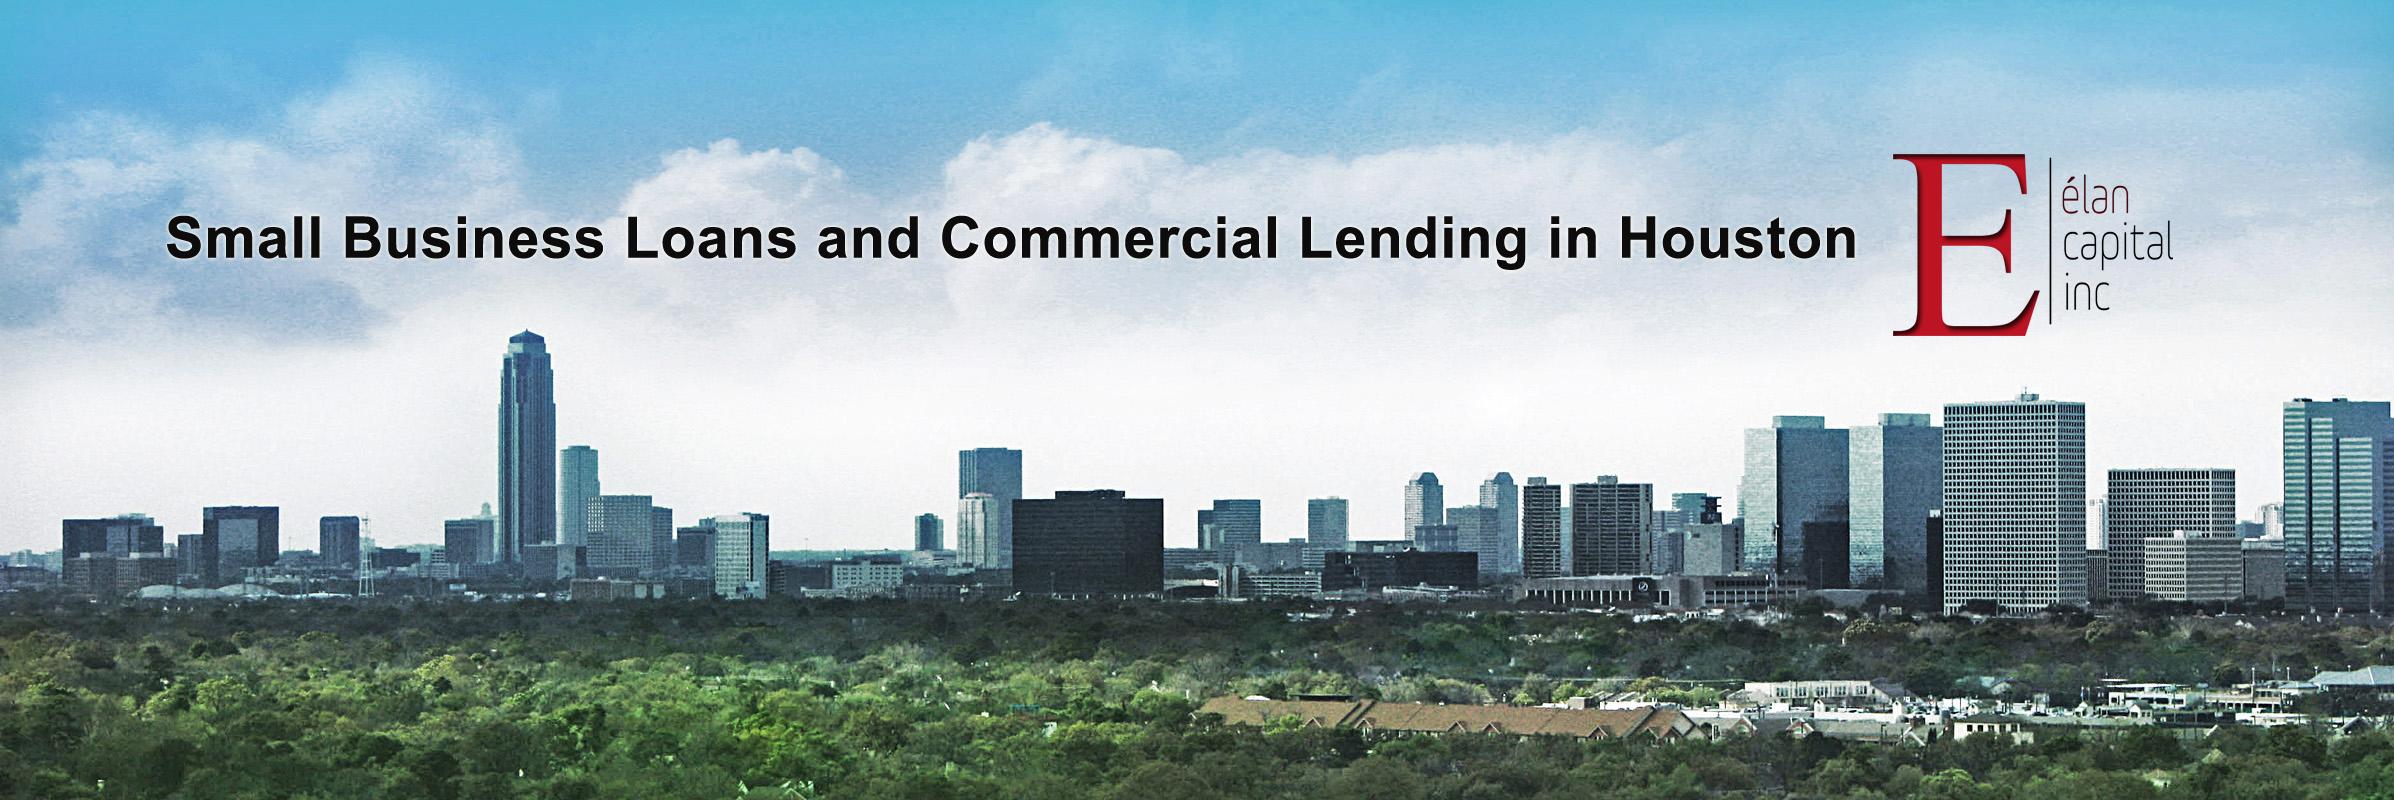 commercial-lending-in-houston